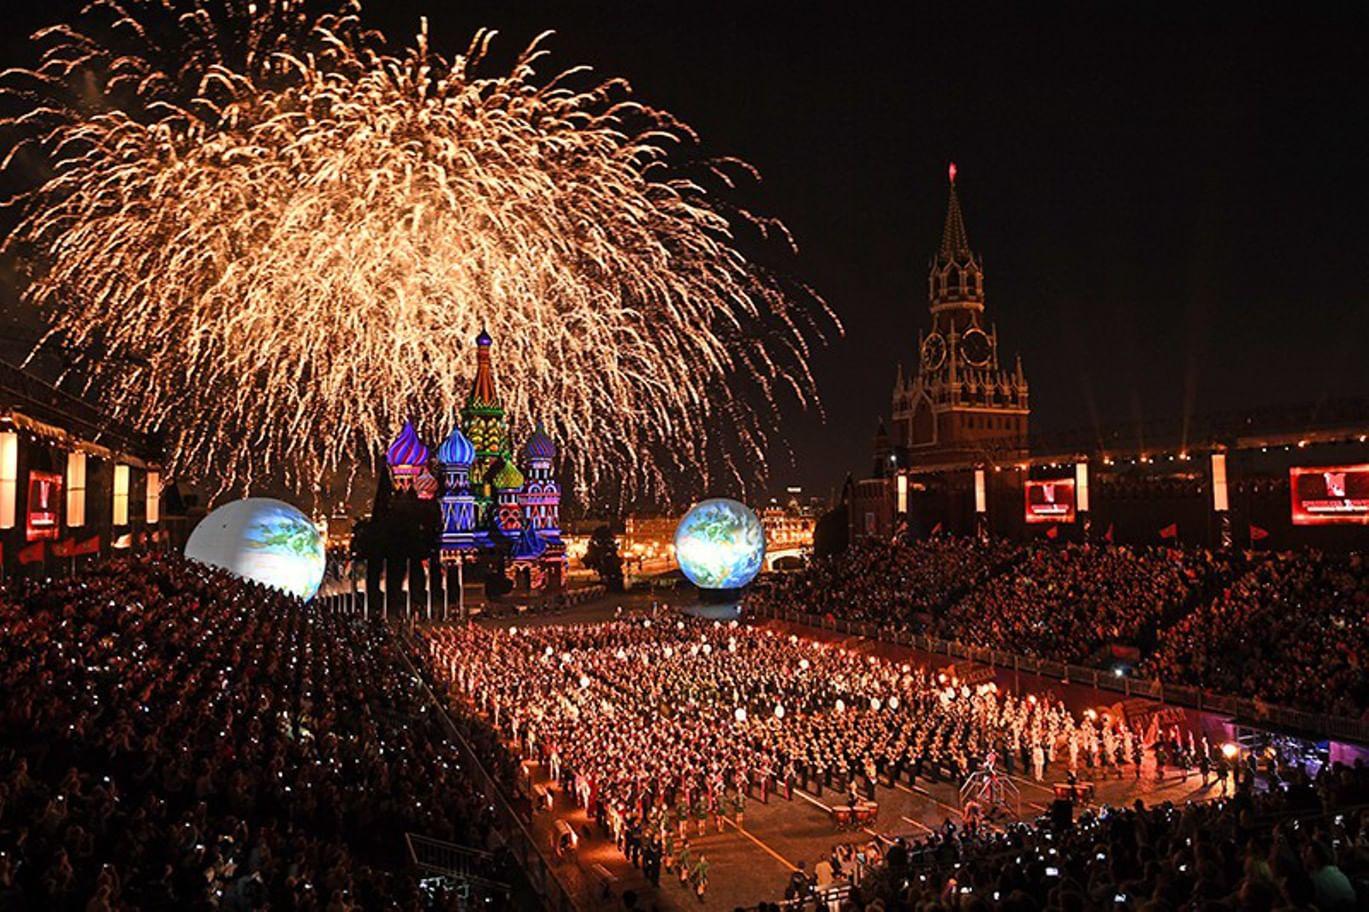 Фестиваль «Спасская башня» соберет в Москве 40 мировых оркестров